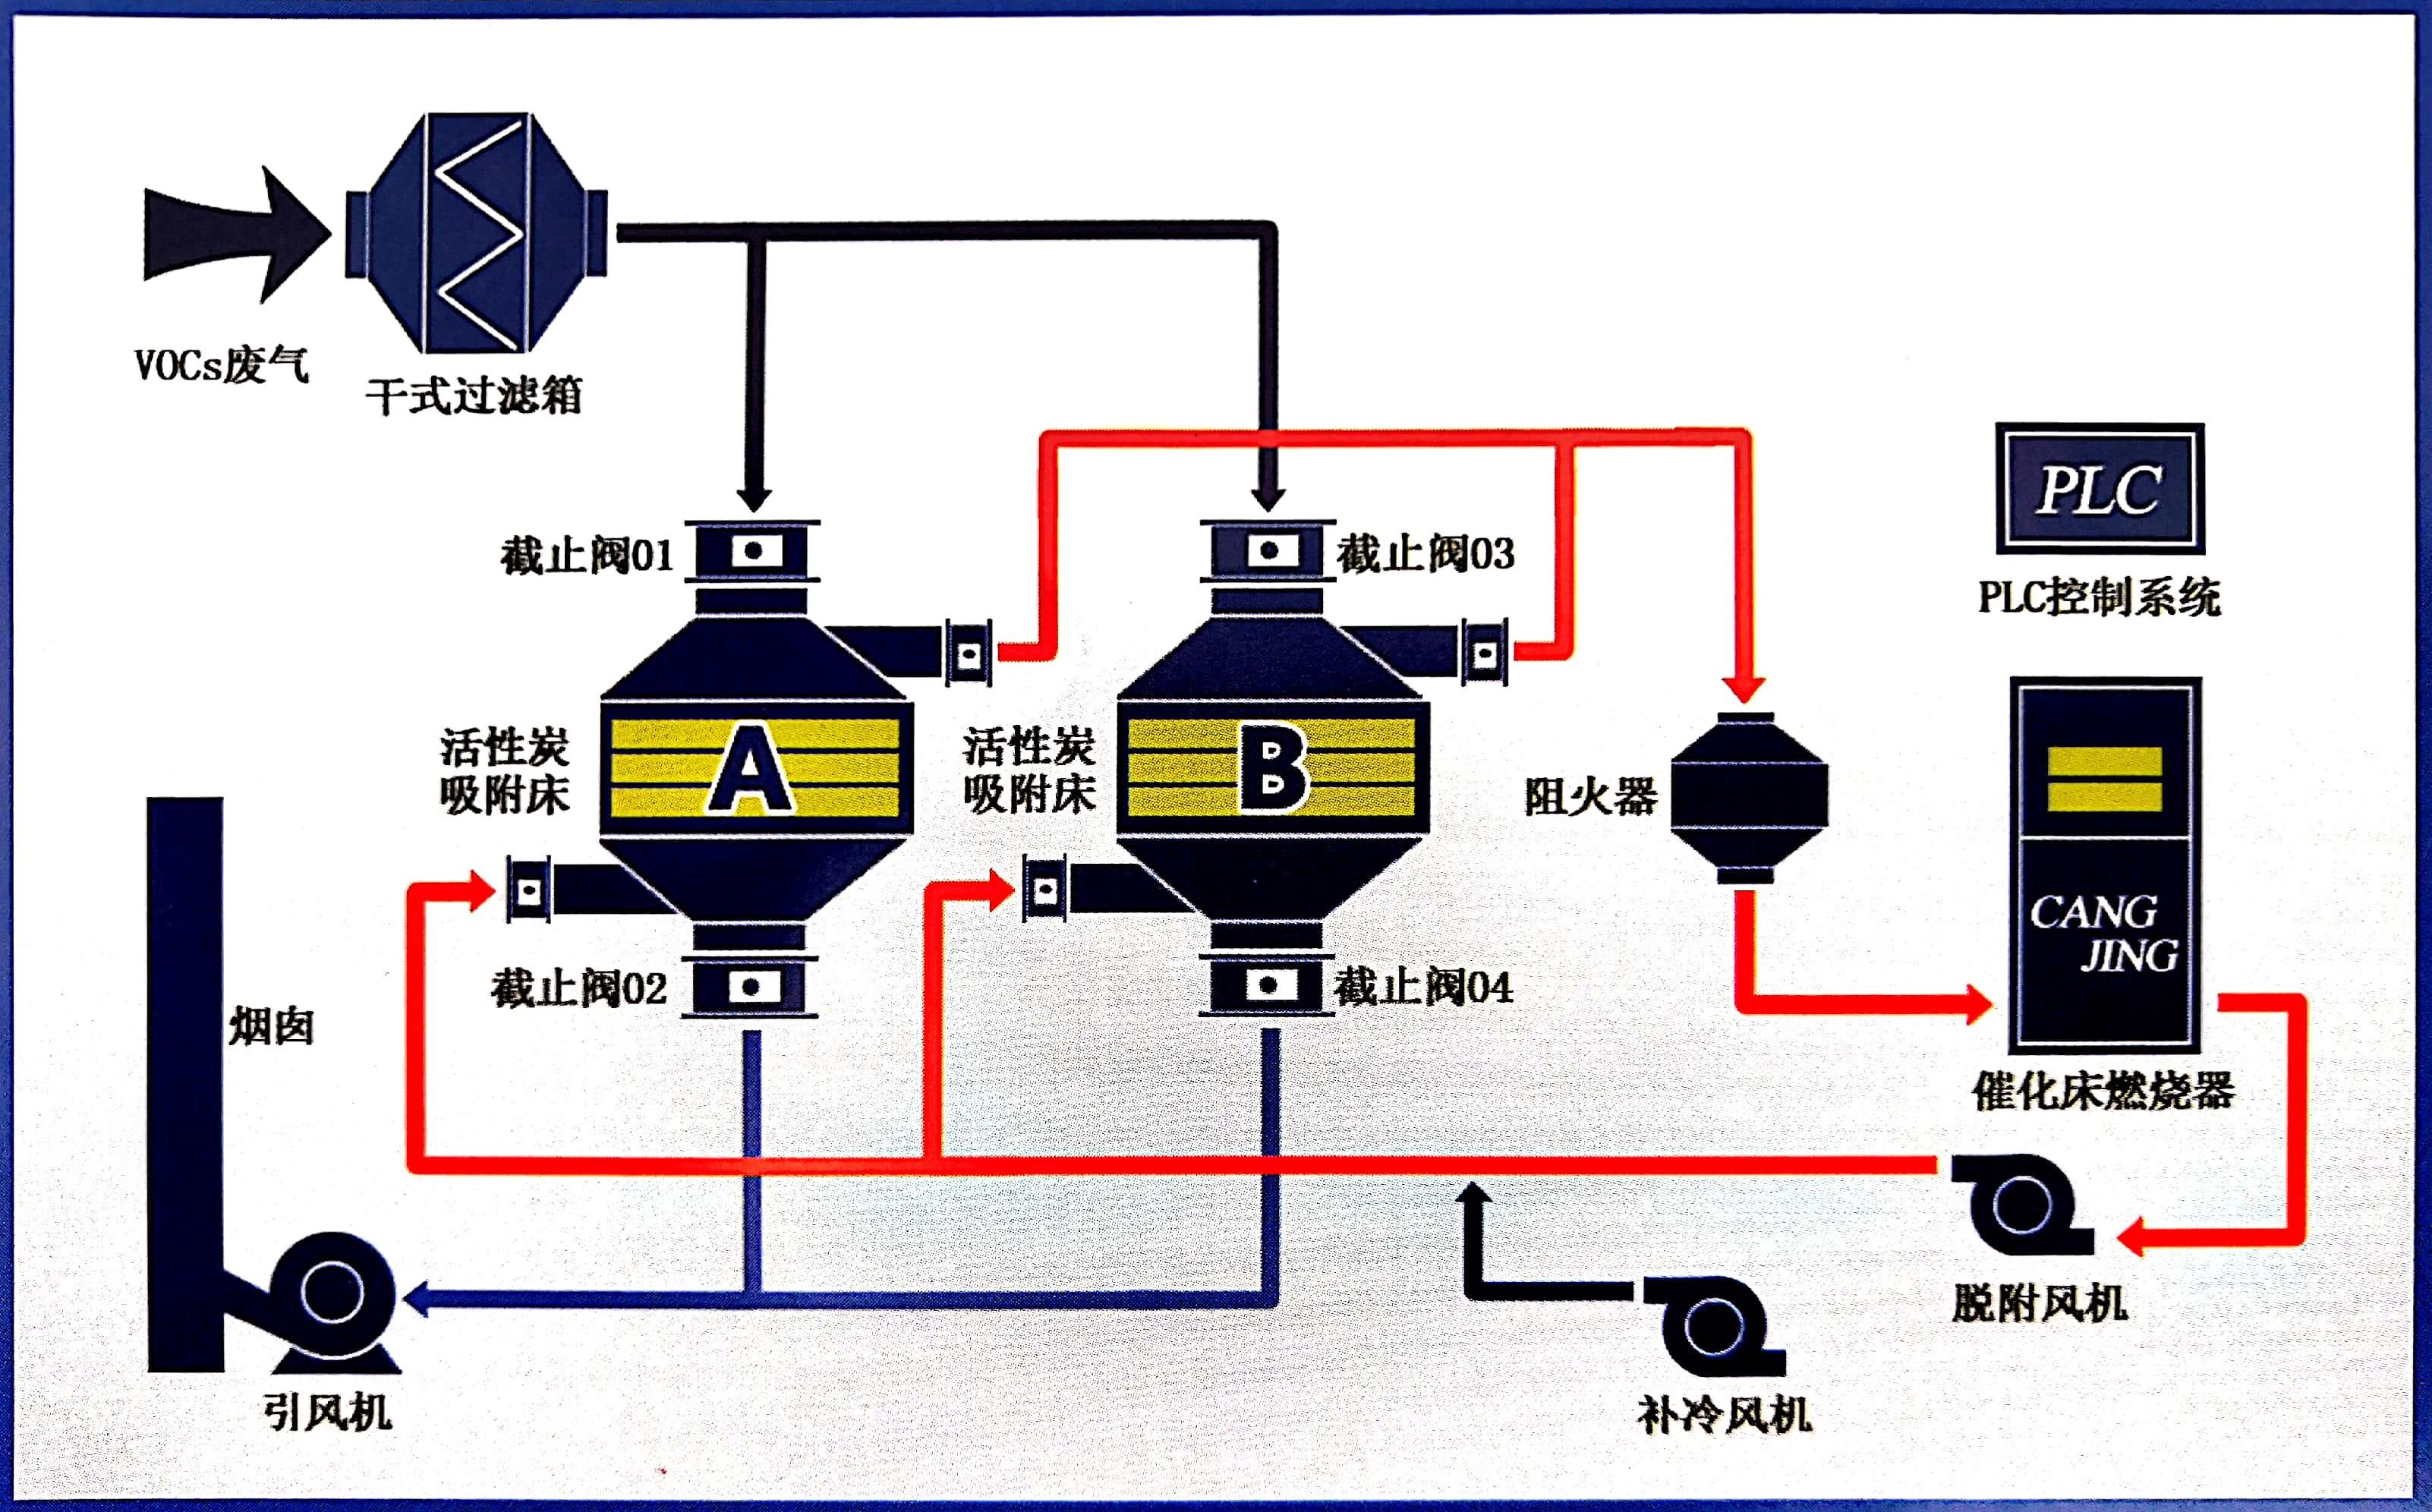 吸附脱附+催化燃烧一体化雷竞技raybet下载处理系统